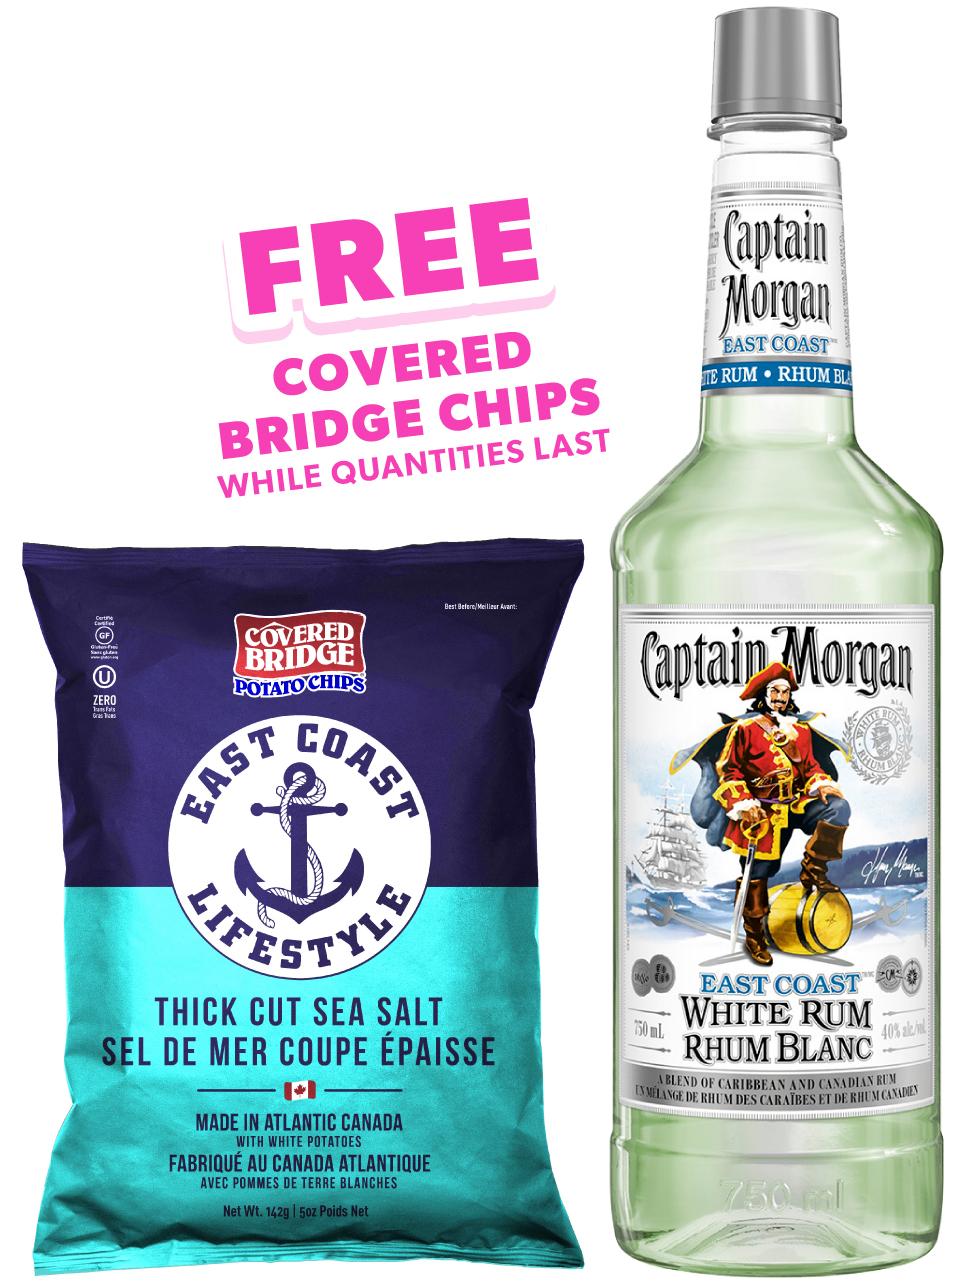 Captain Morgan East Coast White Rum PET